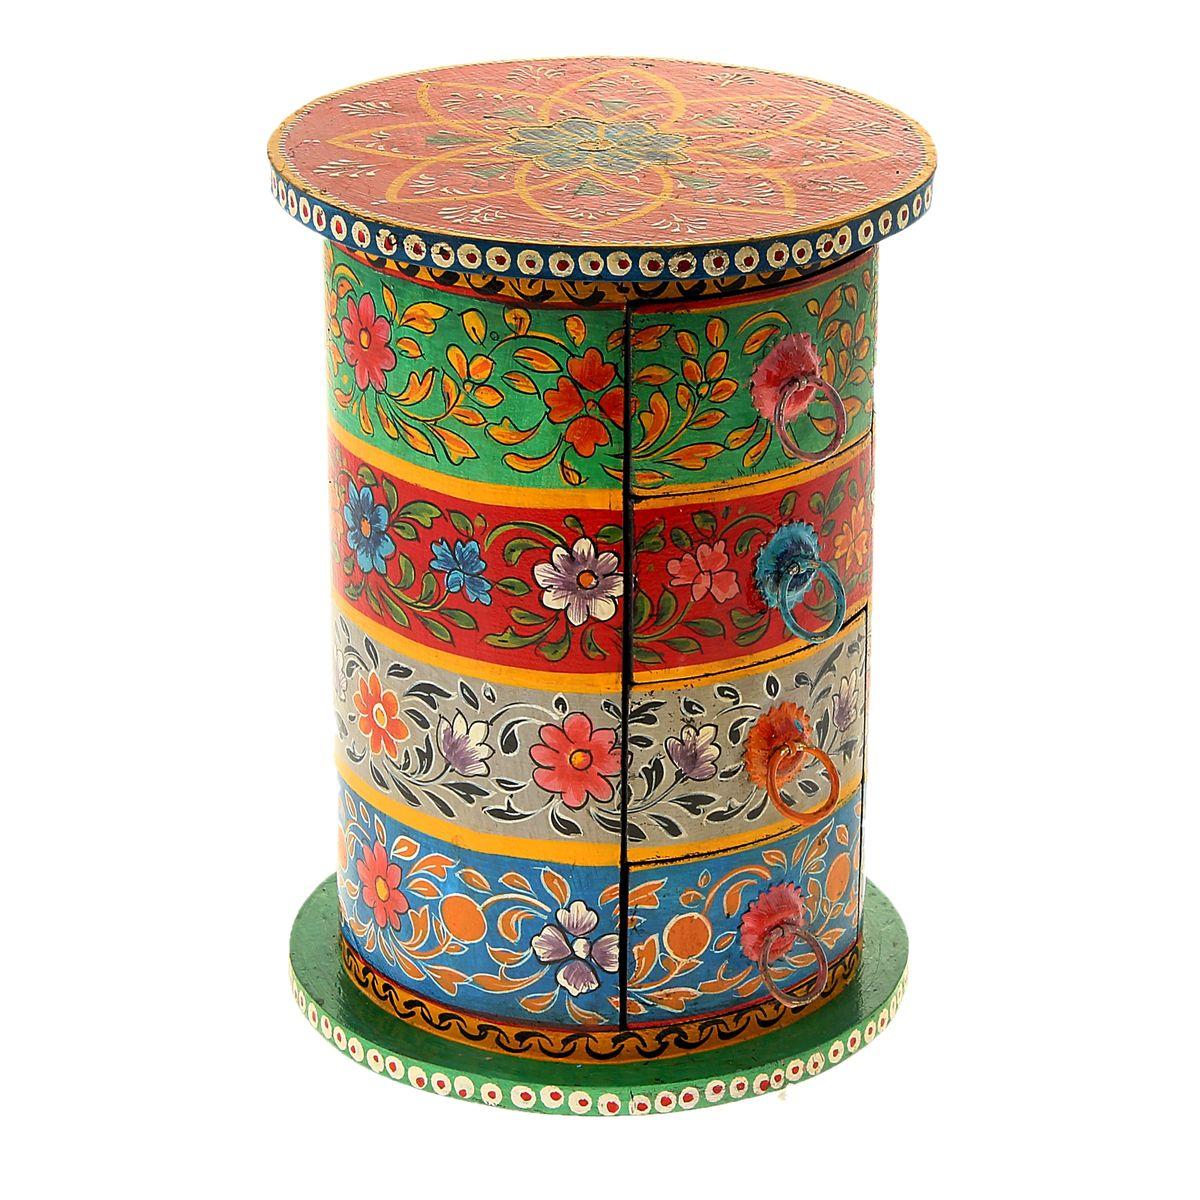 Шкатулка Sima-land Цветочные круги, 19,5 см х 19,5 см х 27 см612284Шкатулка Sima-land Цветочные круги, изготовленная из МДФ, оформлена рисунками цветов. Изделие имеет 4 выдвижных ящичка.Едва бросив взгляд на такую эффектную шкатулку, женщина наверняка уже будет знать, что в нее можно положить любимые украшения, которые хочется бережно хранить, или, к примеру, бисер и бусины, из которых она любит мастерить настоящие миниатюрные шедевры. Шкатулка с ящиками Sima-land Цветочные круги станет удобным местом для хранения мелочей и настоящей изюминкой интерьера, привносящей в него колорит далеких и манящих стран.Размер ящичка: 14 см х 9,5 см х 5,5 см.